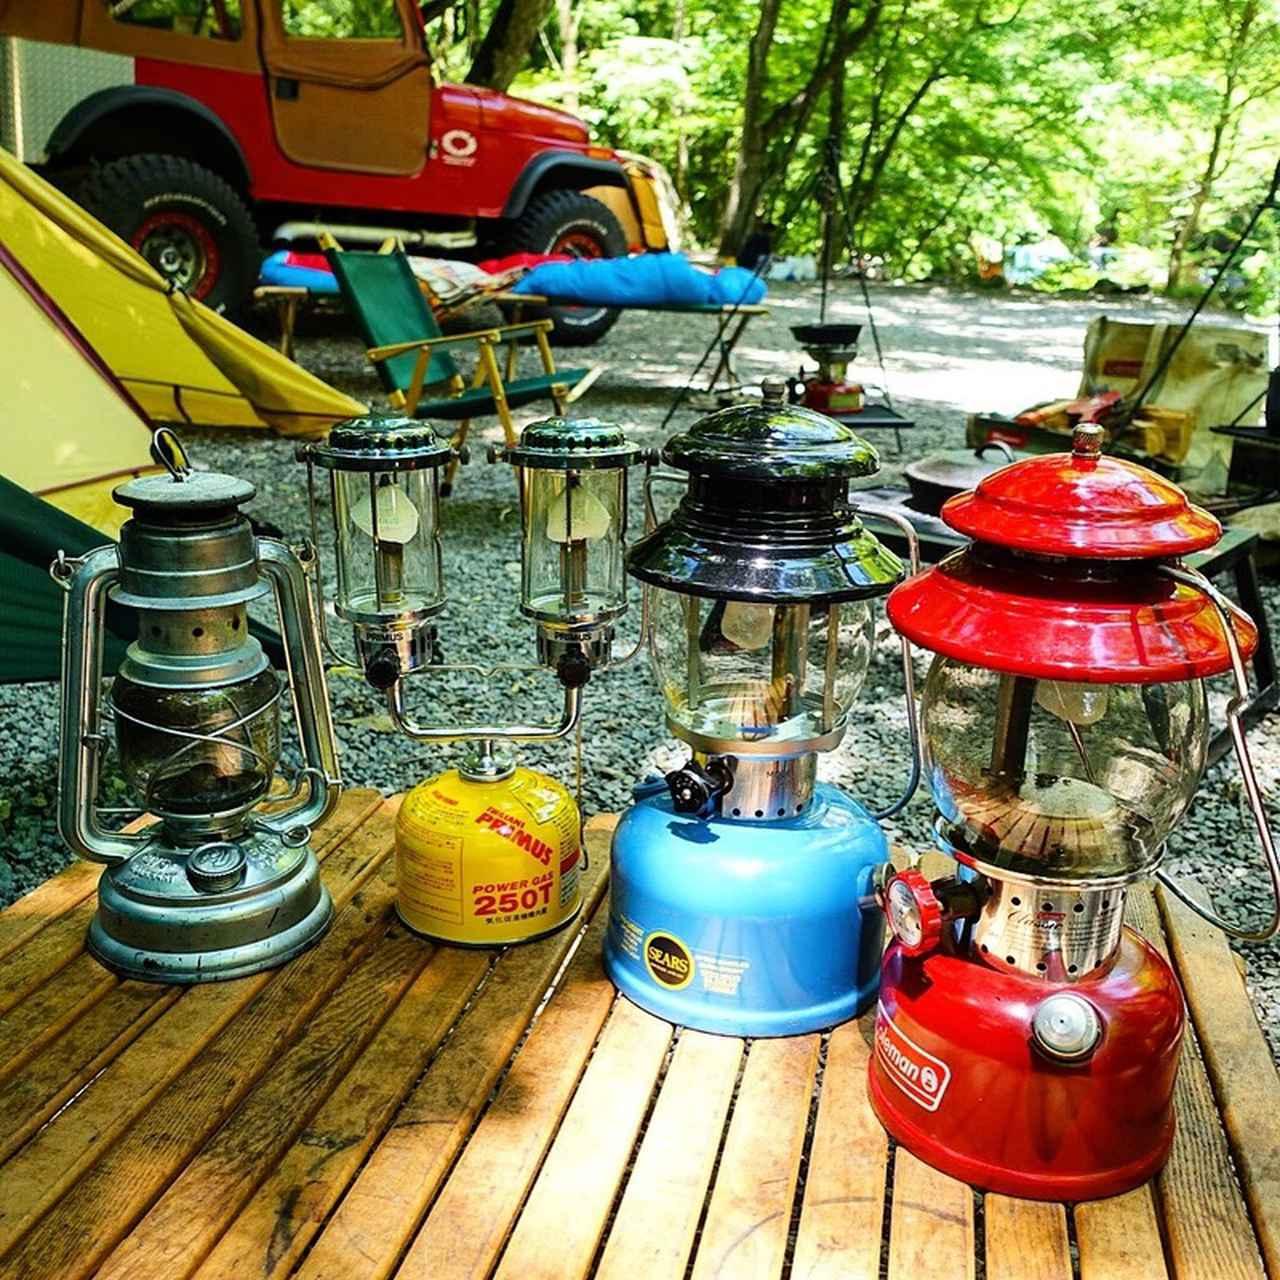 画像: 【キャンプ用ランタンの選び方】4つの種類とシーン別のおすすめをご紹介 - ハピキャン(HAPPY CAMPER)